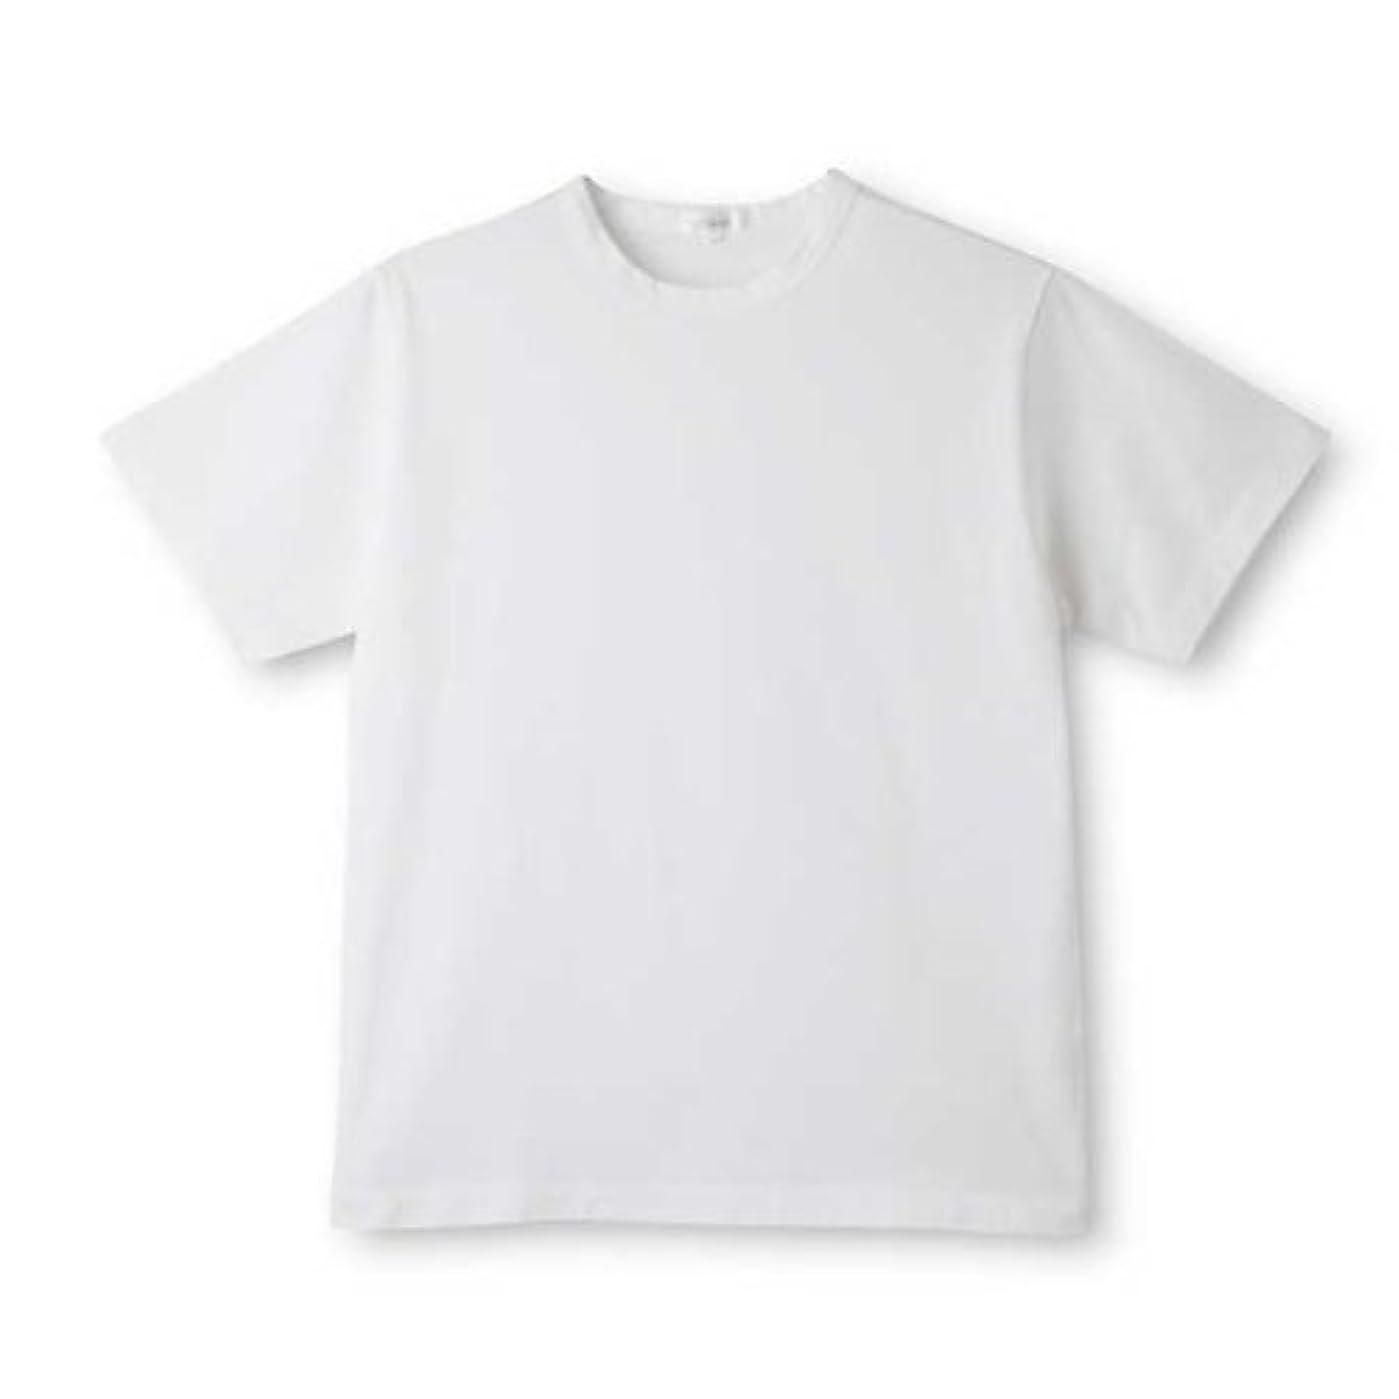 休み屋内で浅いDeol(デオル) Tシャツ 急速分解消臭シャツ クルーネック 男女兼用 LL